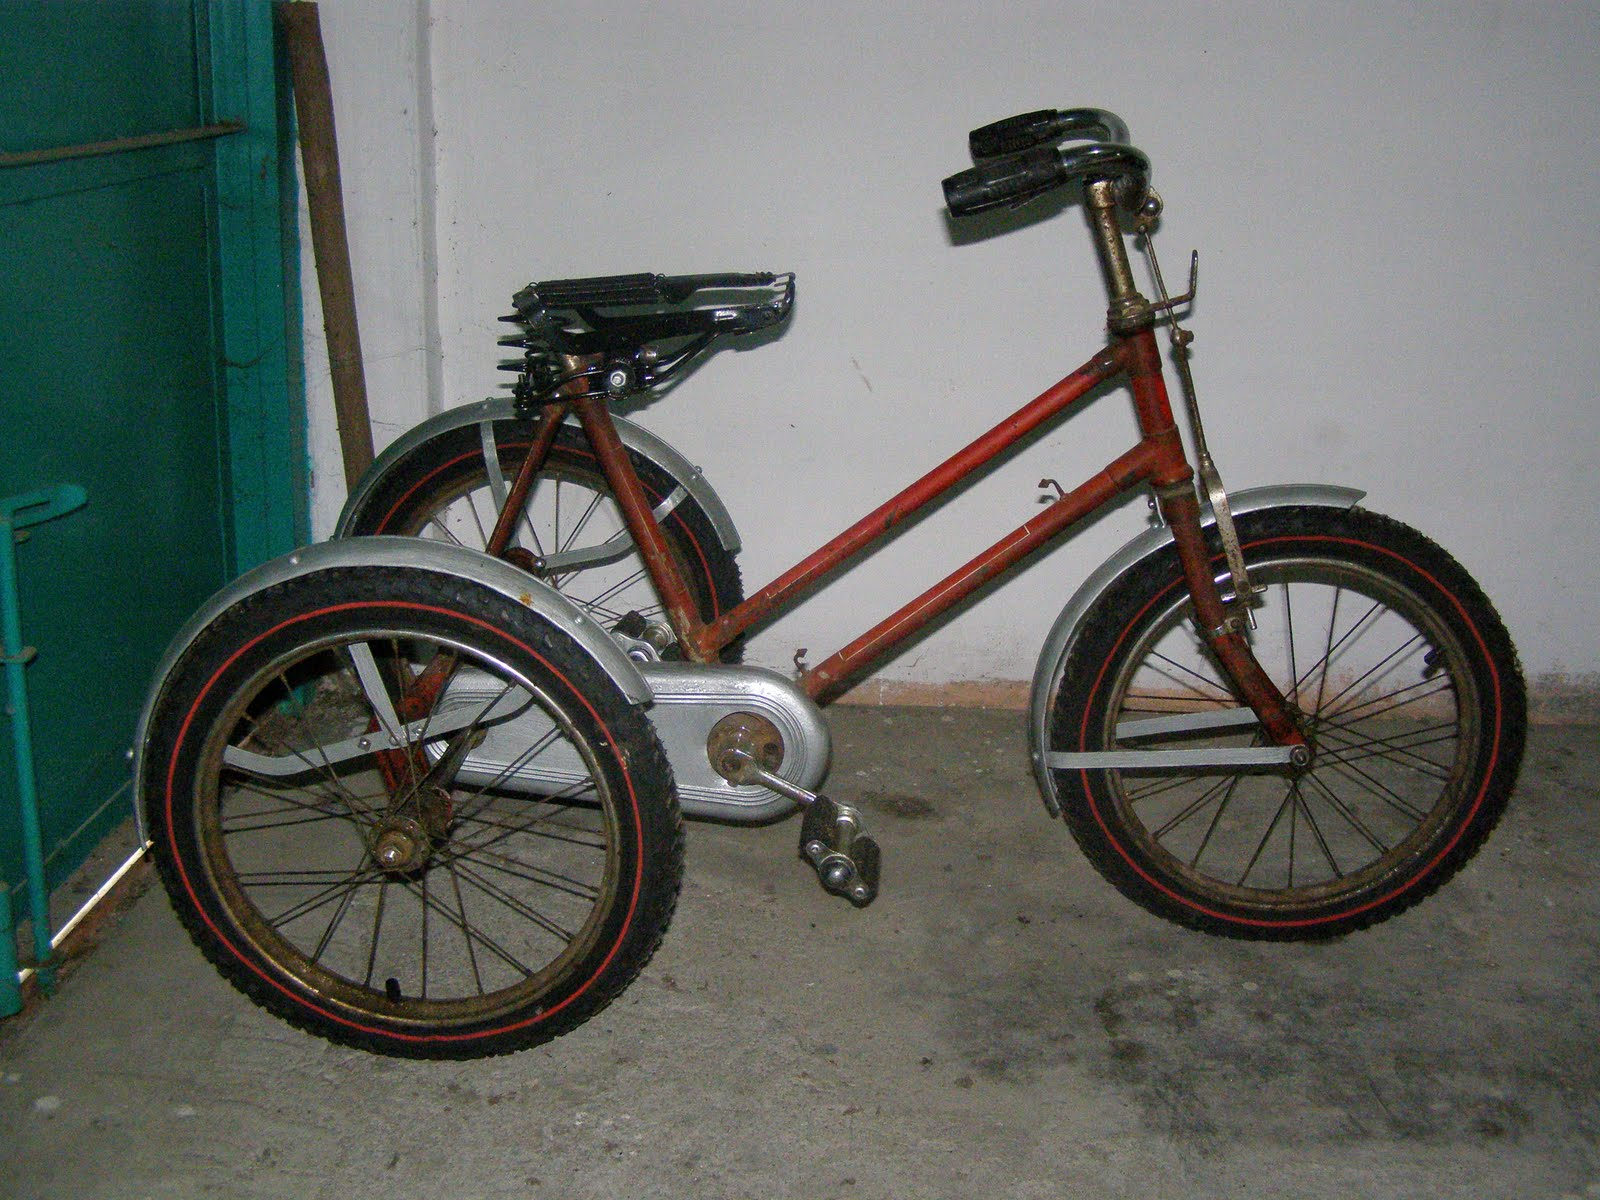 Motor Klasik, Sepeda Ontel dan Barang Antik Dijual Sepeda